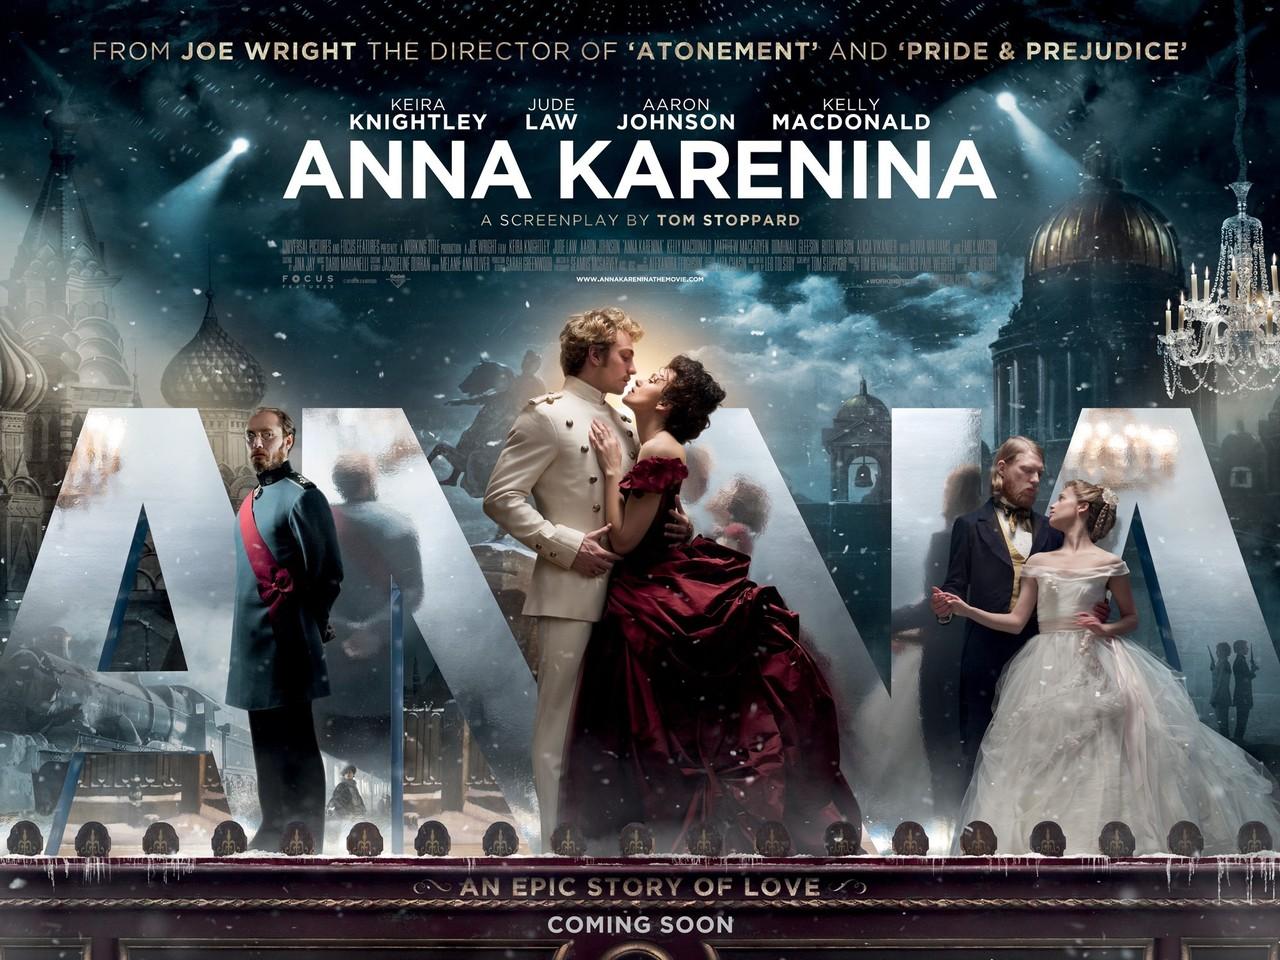 2012 Movie Poster: The Jane Austen Film Club: Anna Karenina 2012